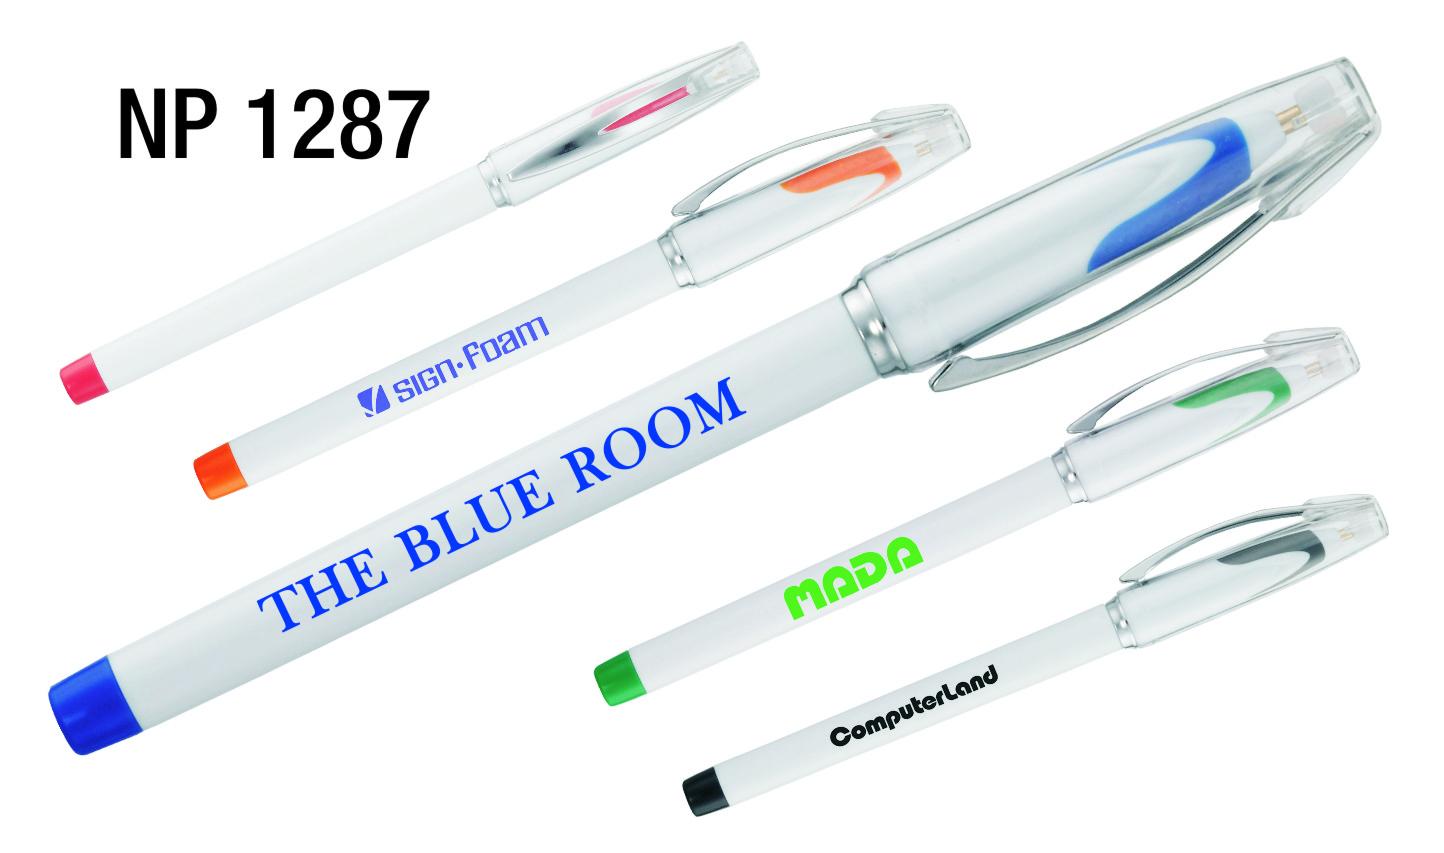 NP1287: The Cap Off Pen